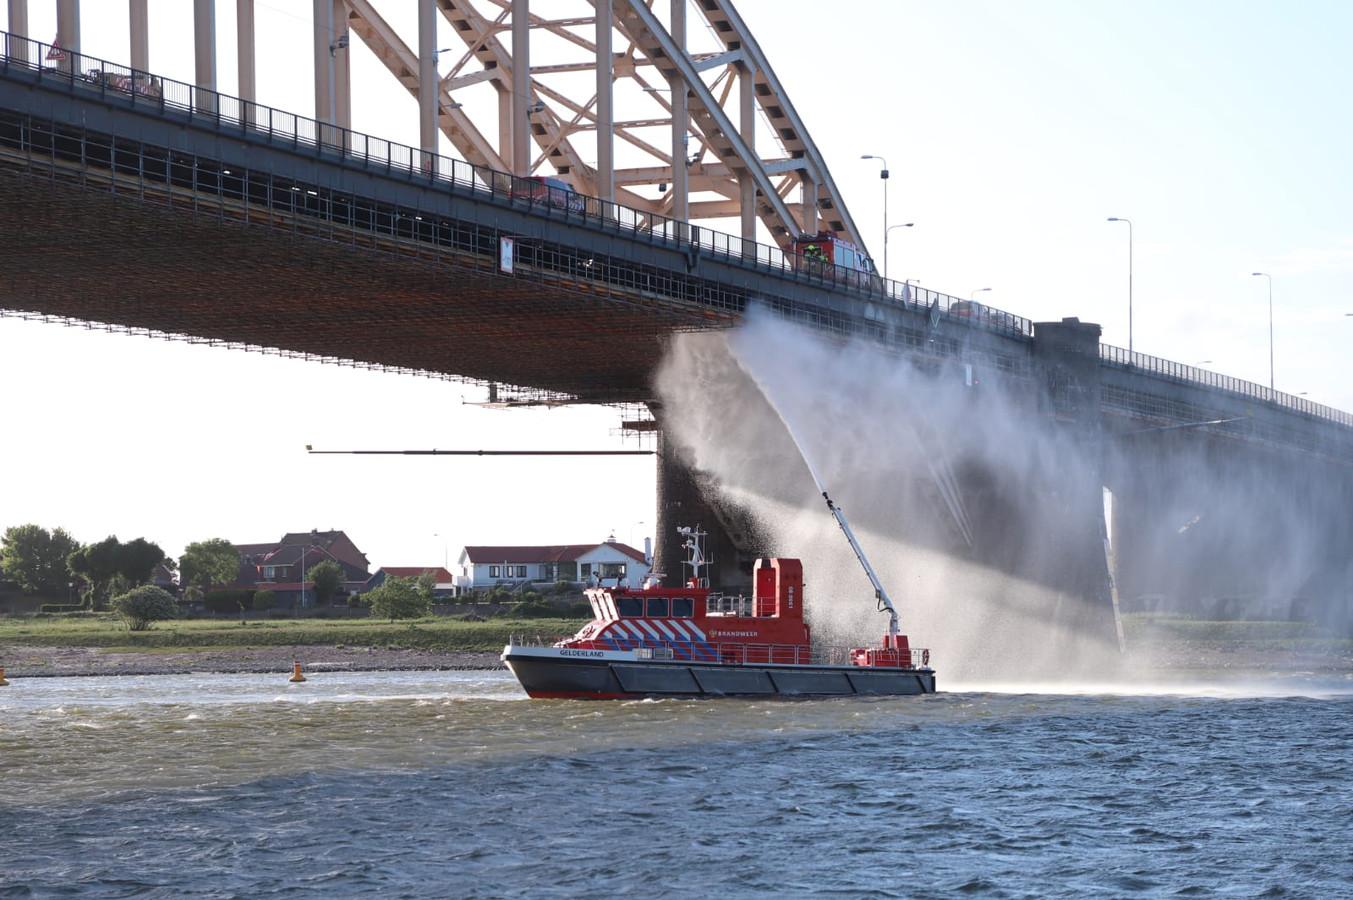 Met behulp van een blusboot probeert de brandweer het vuur onder controle te krijgen.